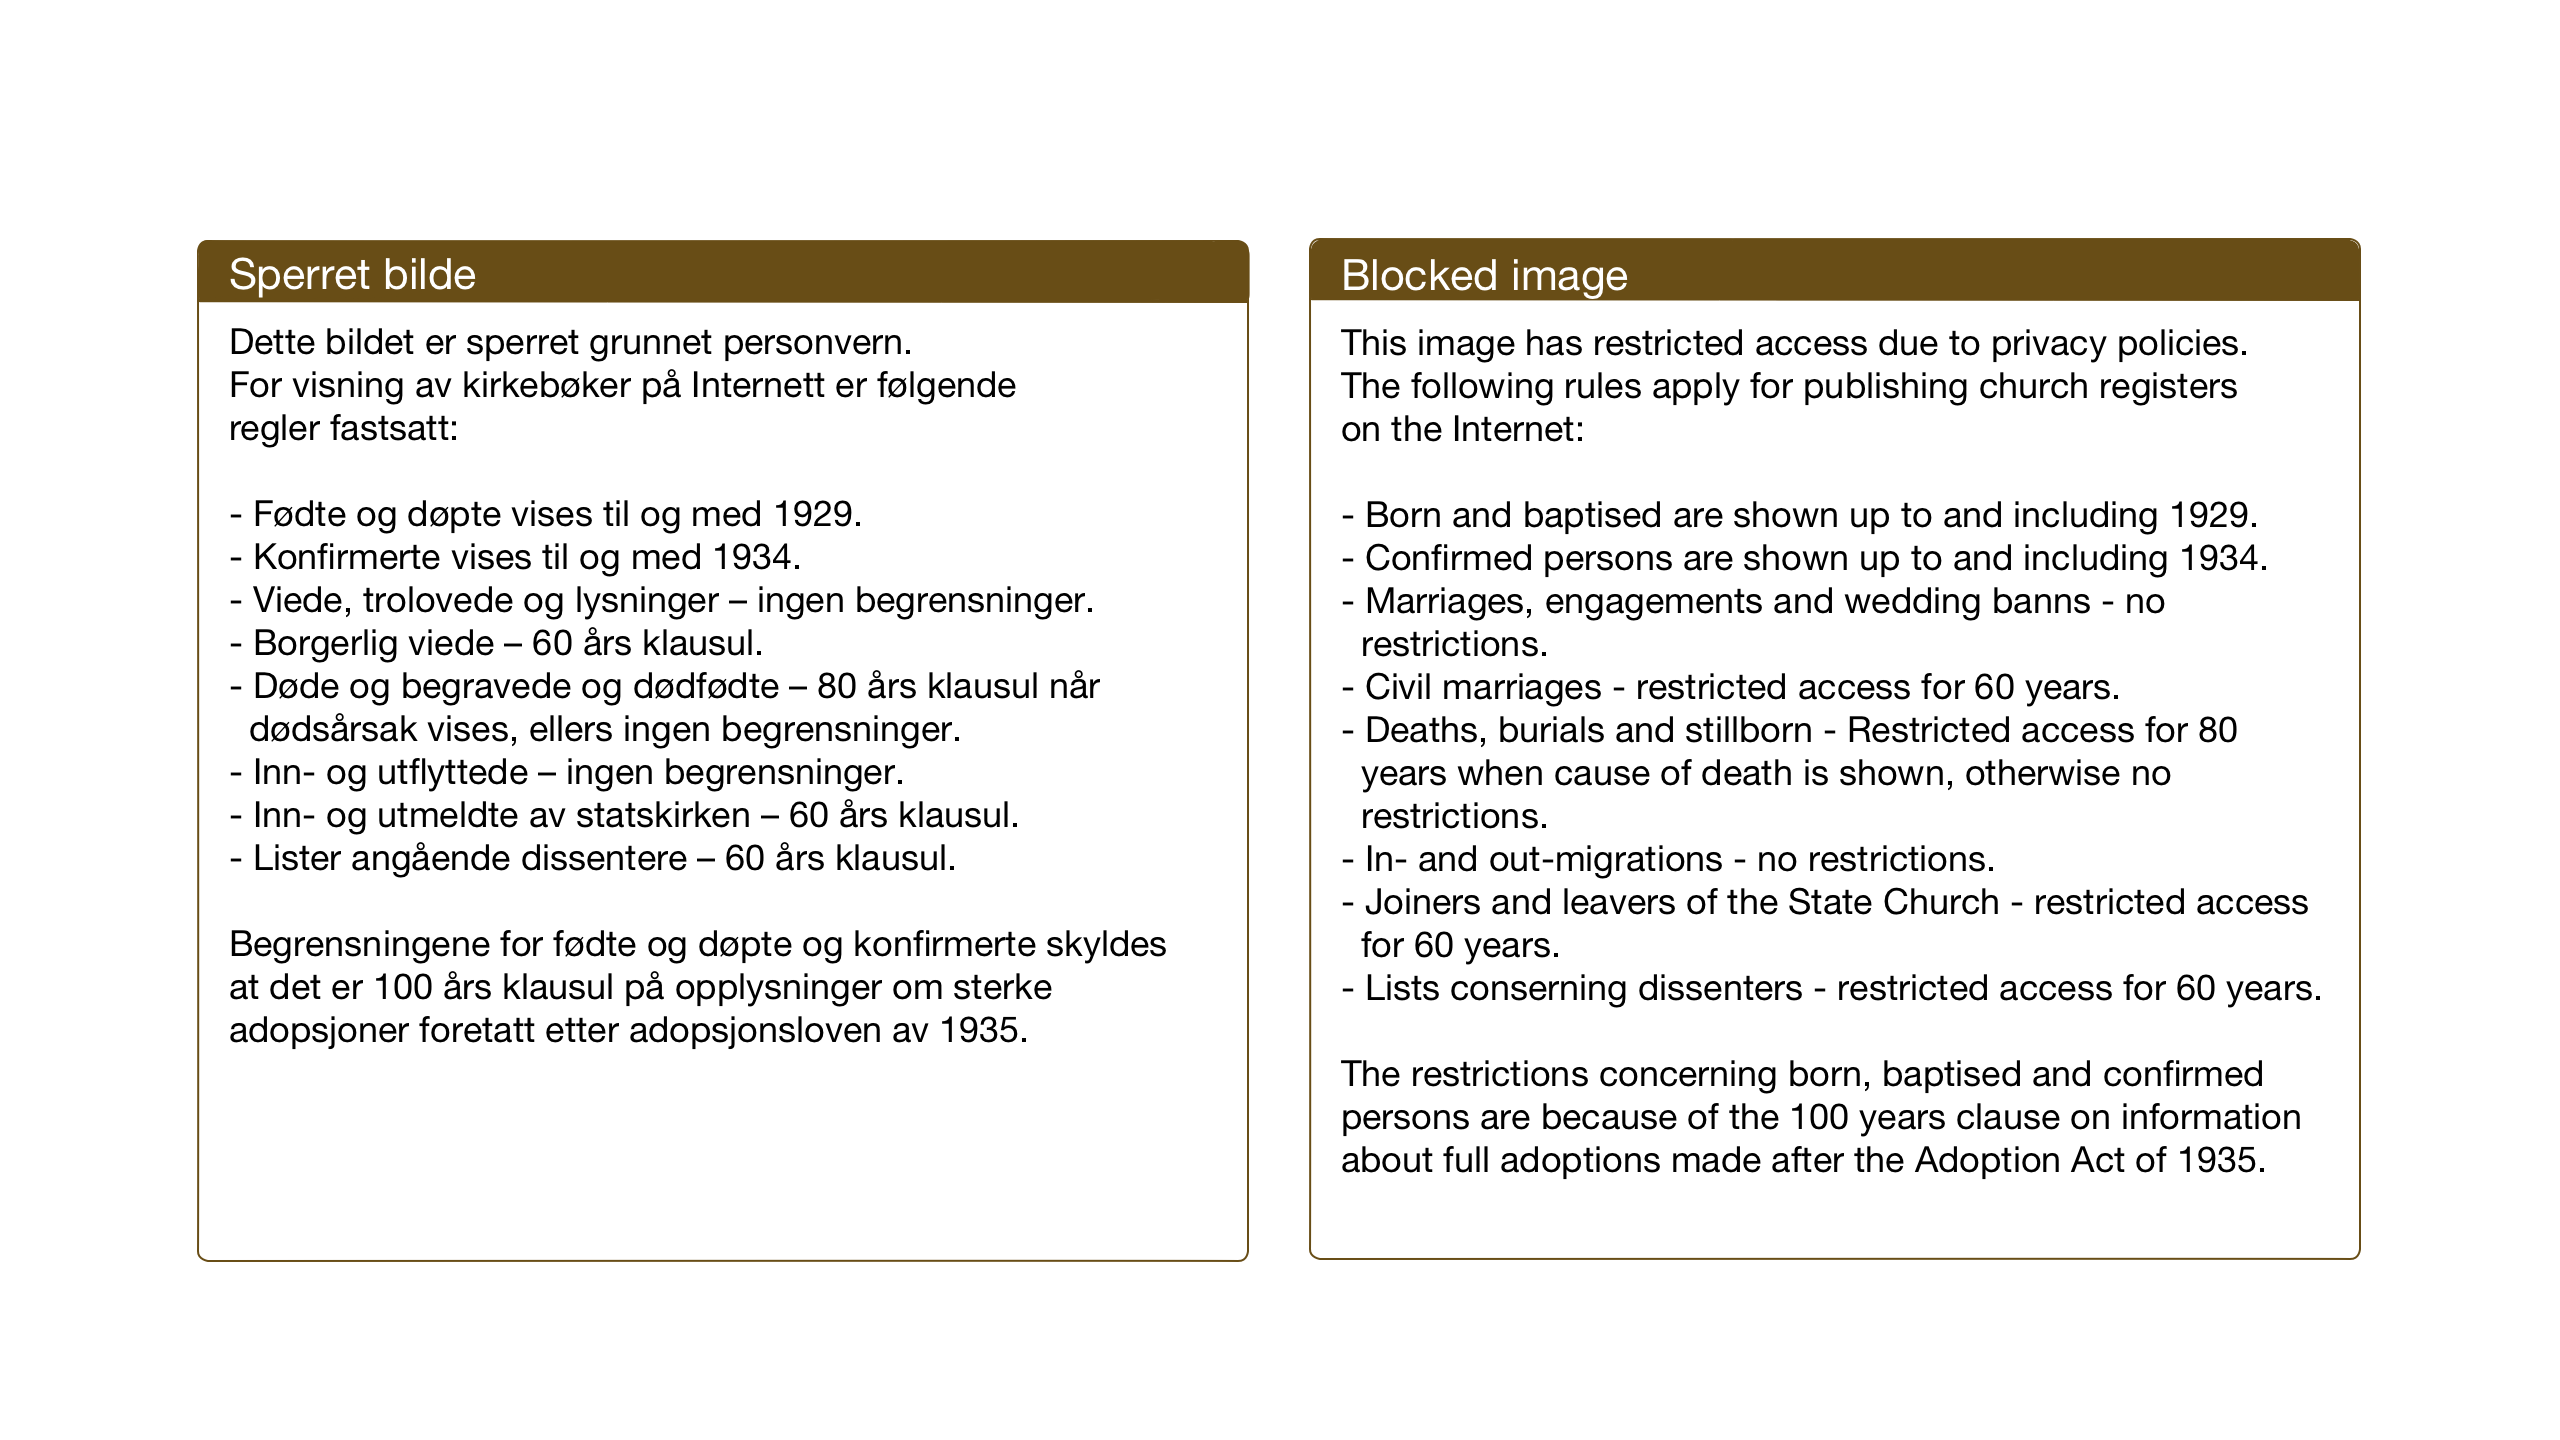 SAT, Ministerialprotokoller, klokkerbøker og fødselsregistre - Nord-Trøndelag, 773/L0625: Klokkerbok nr. 773C01, 1910-1952, s. 95